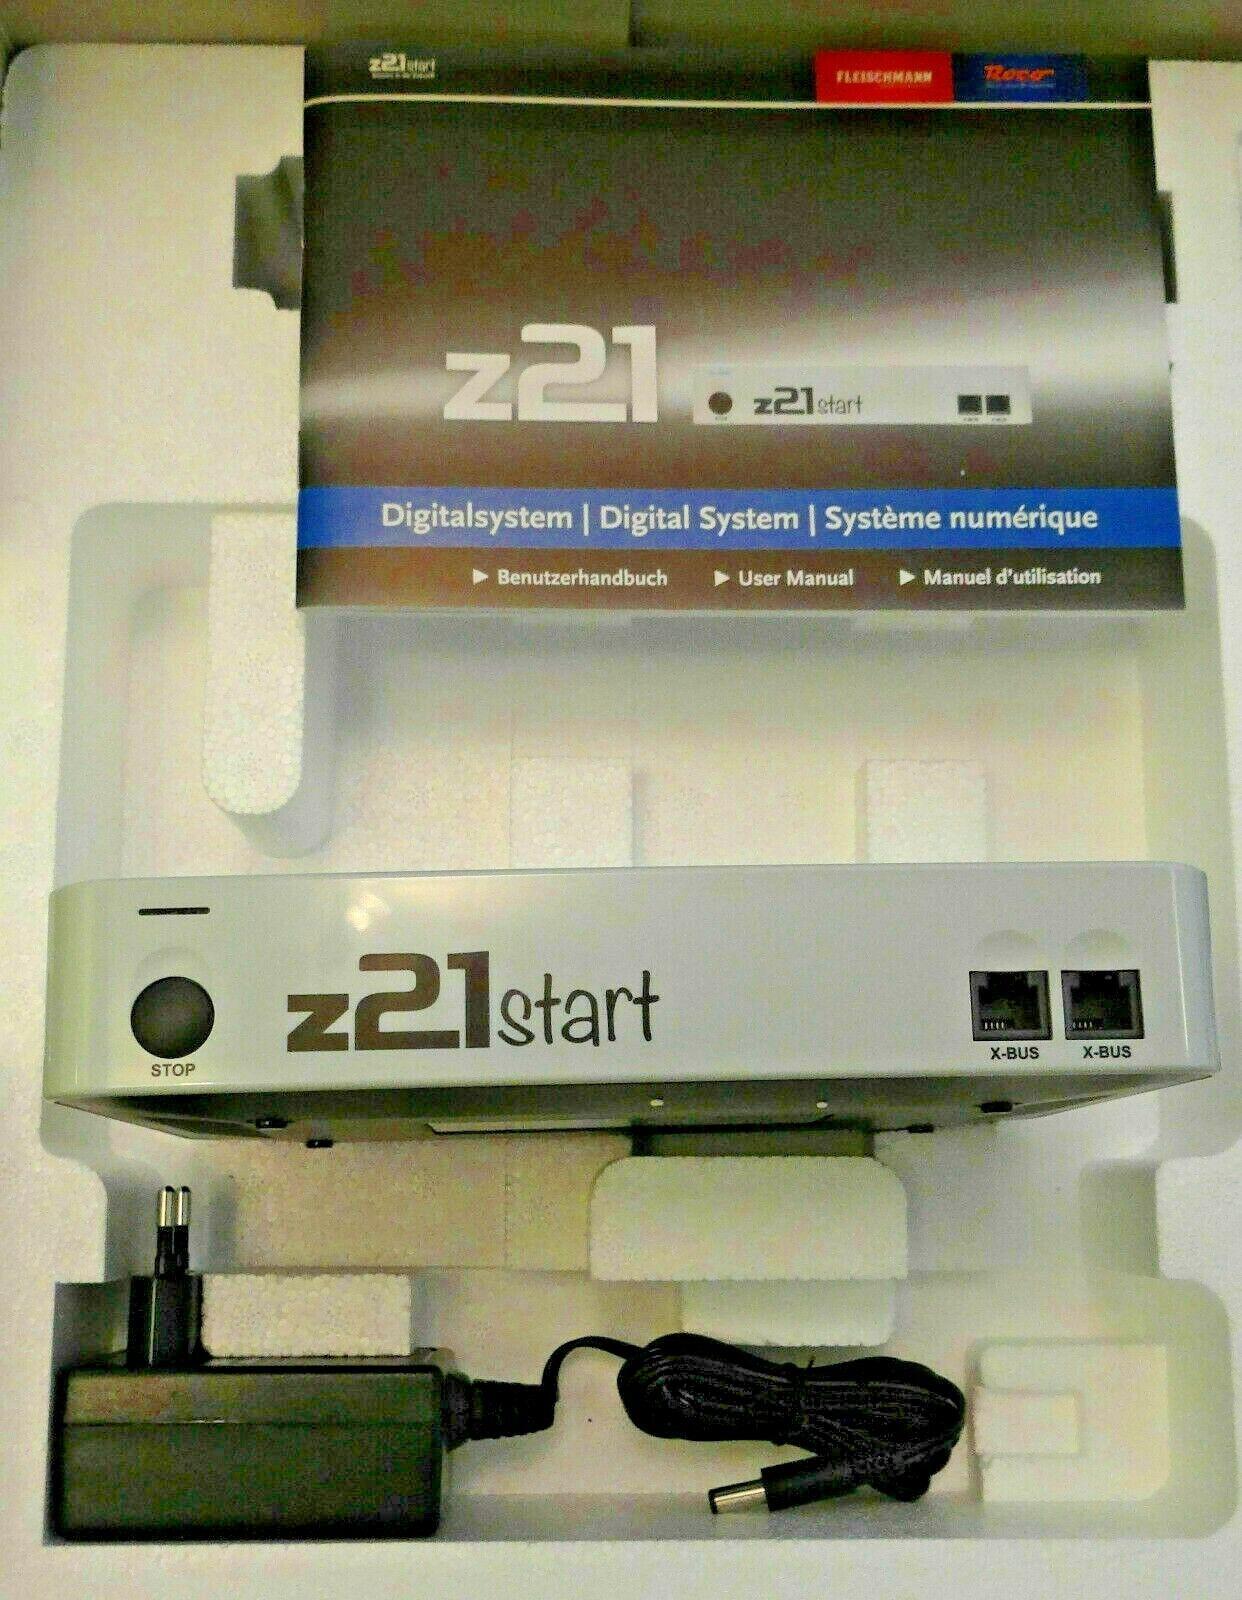 Roco 10825+10850 Z21 Estrellat Digital Central